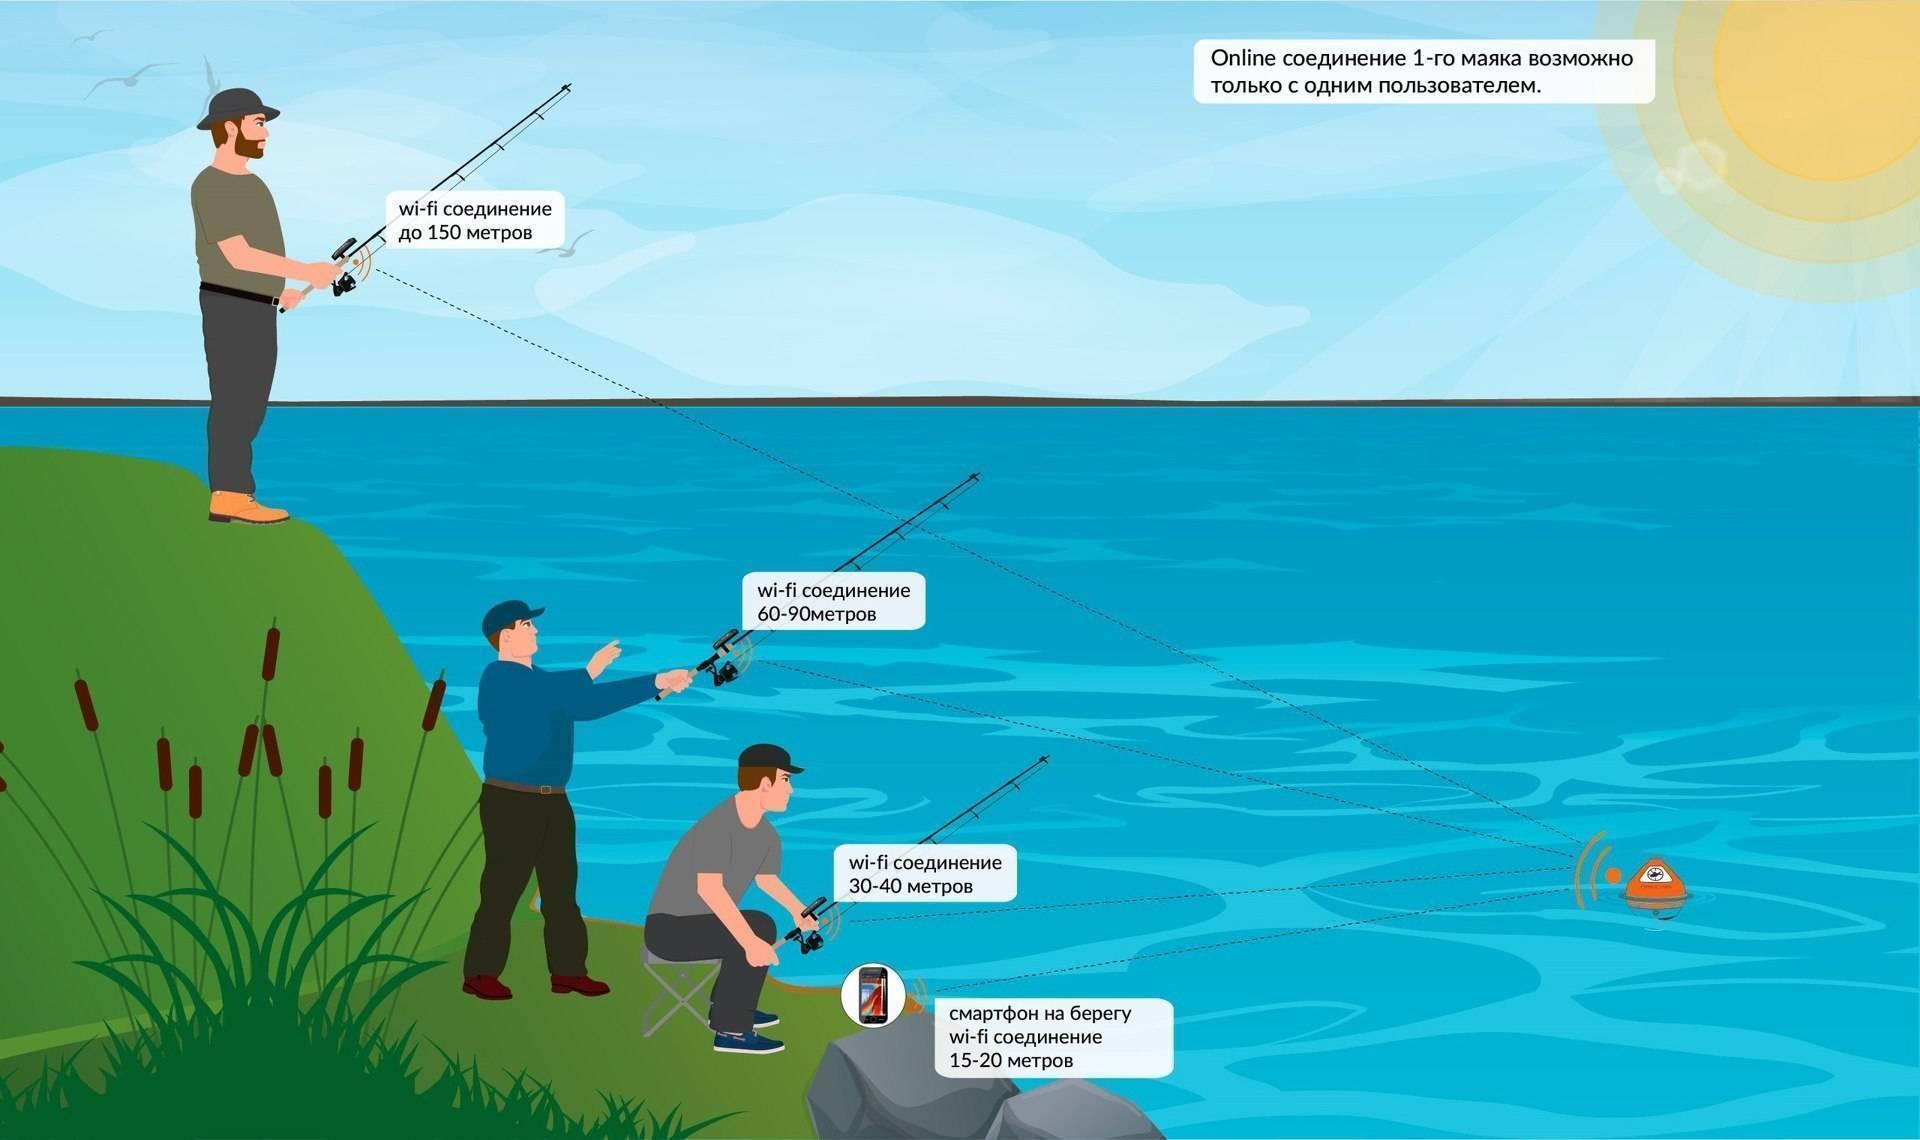 Беспроводной эхолот для летней и зимней рыбалки с берега: рейтинг-обзор 2019